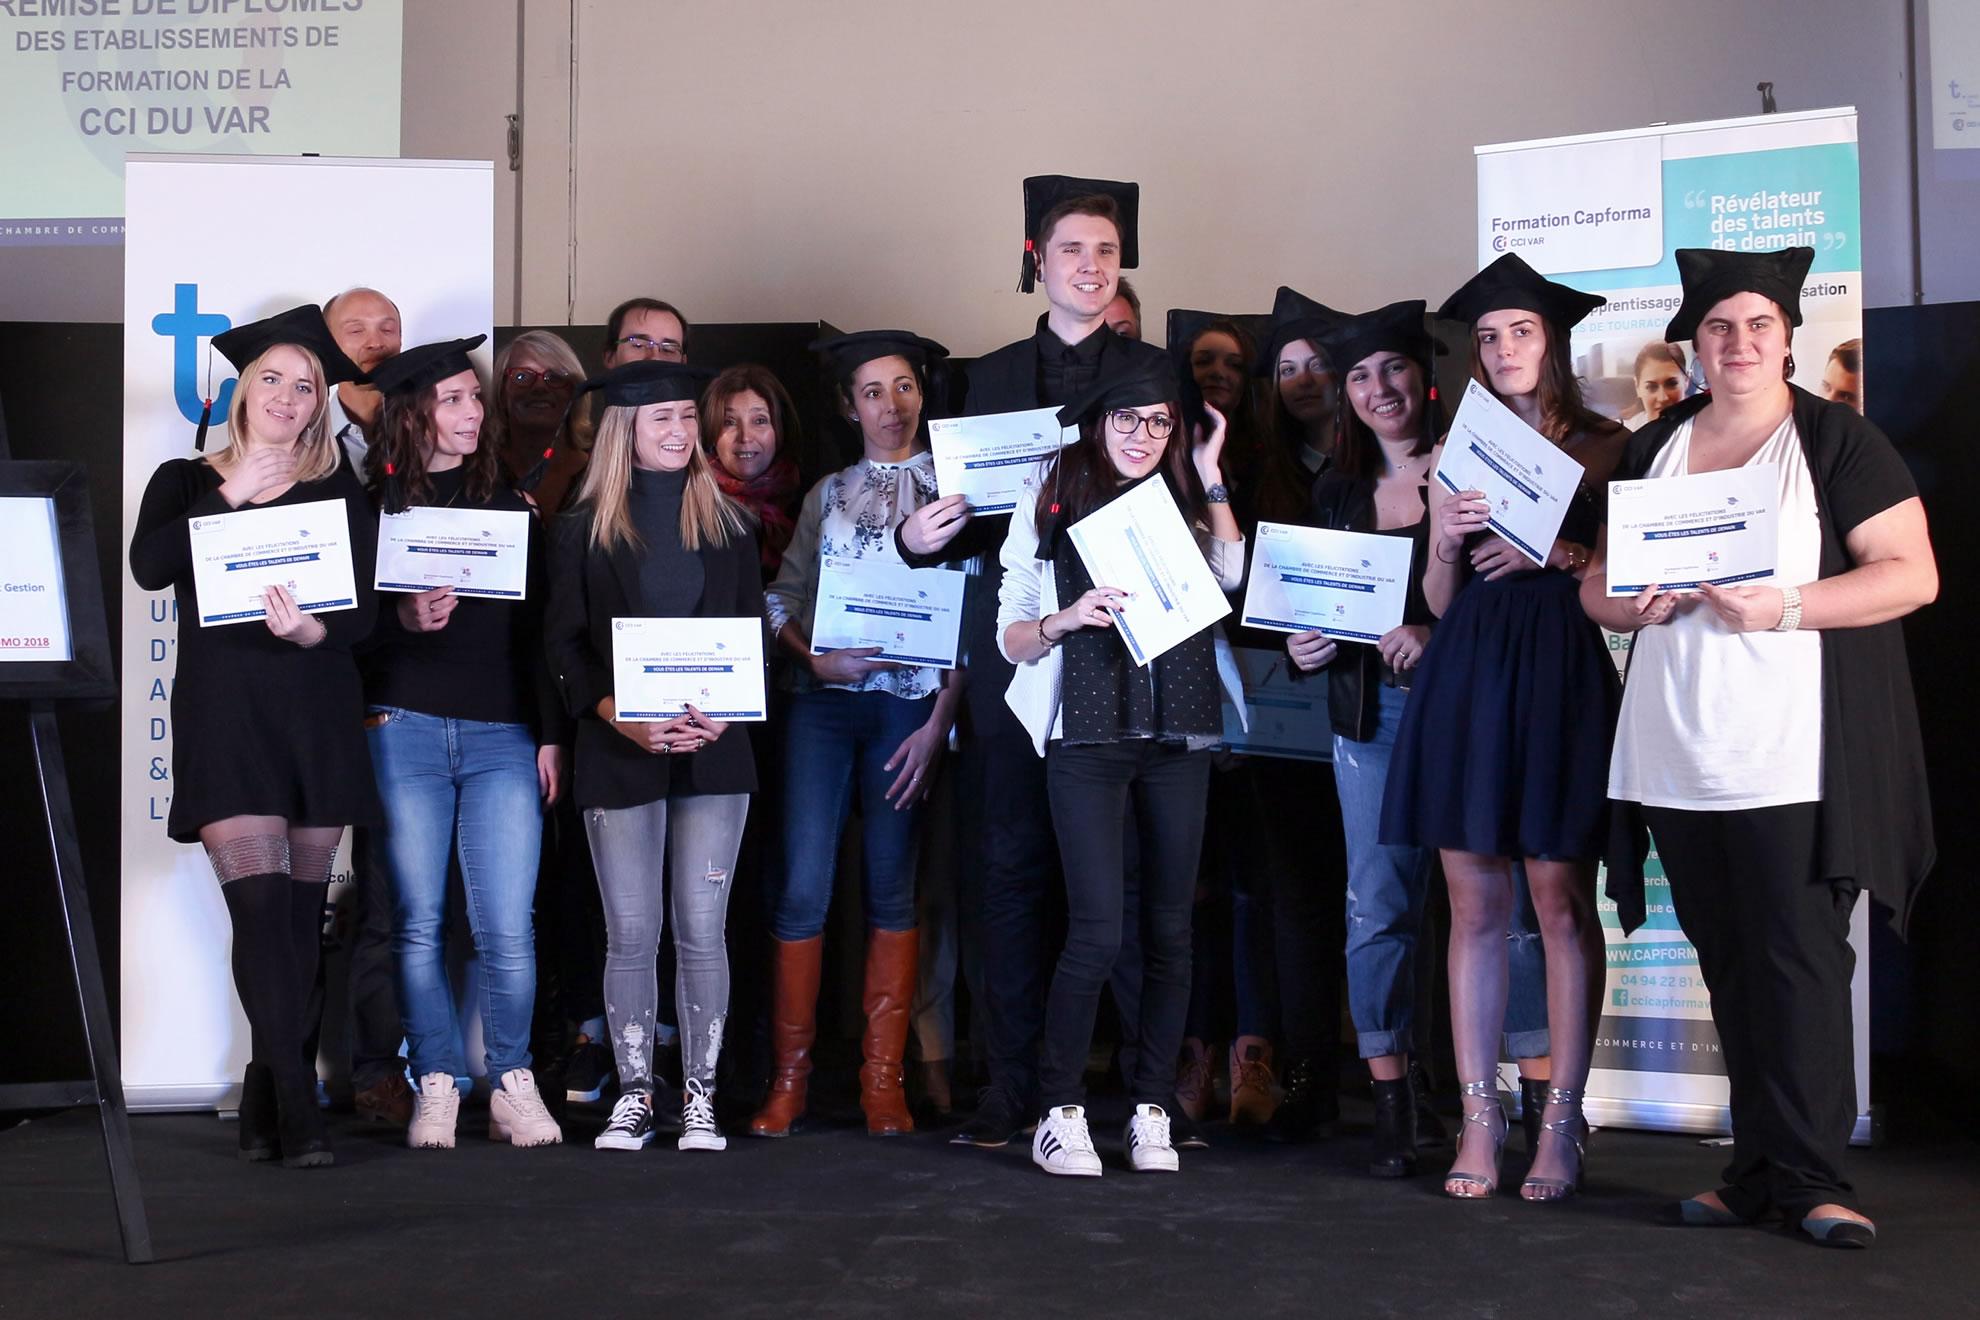 Promo BTS Comptabilité Gestion du lycée La Tourrache